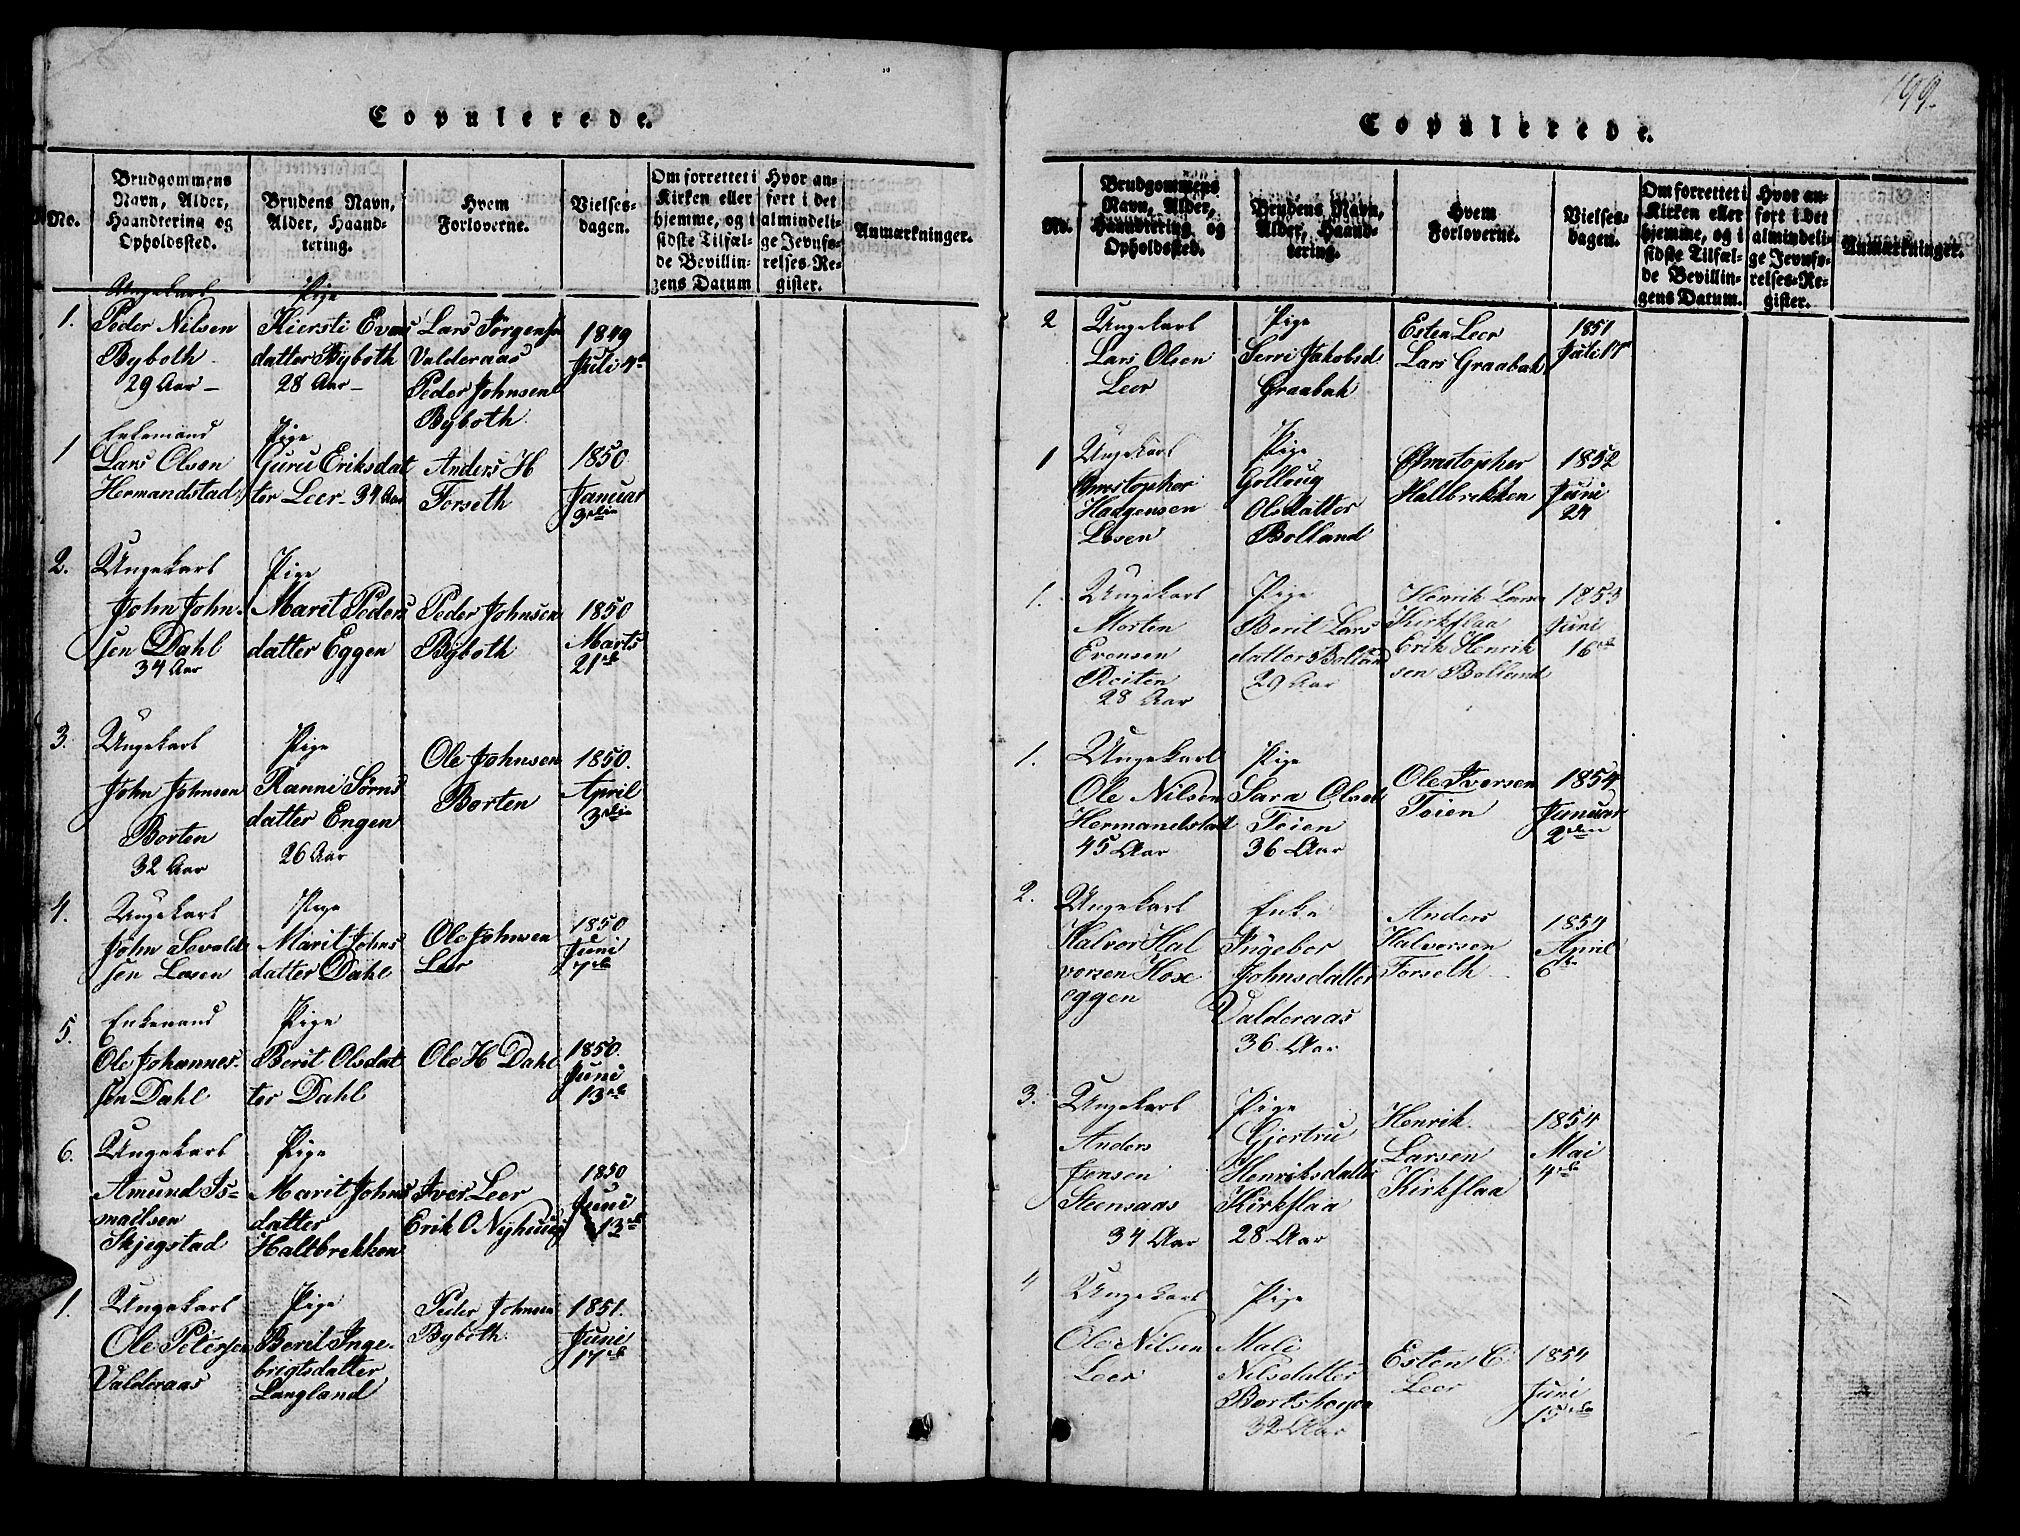 SAT, Ministerialprotokoller, klokkerbøker og fødselsregistre - Sør-Trøndelag, 693/L1121: Klokkerbok nr. 693C02, 1816-1869, s. 199